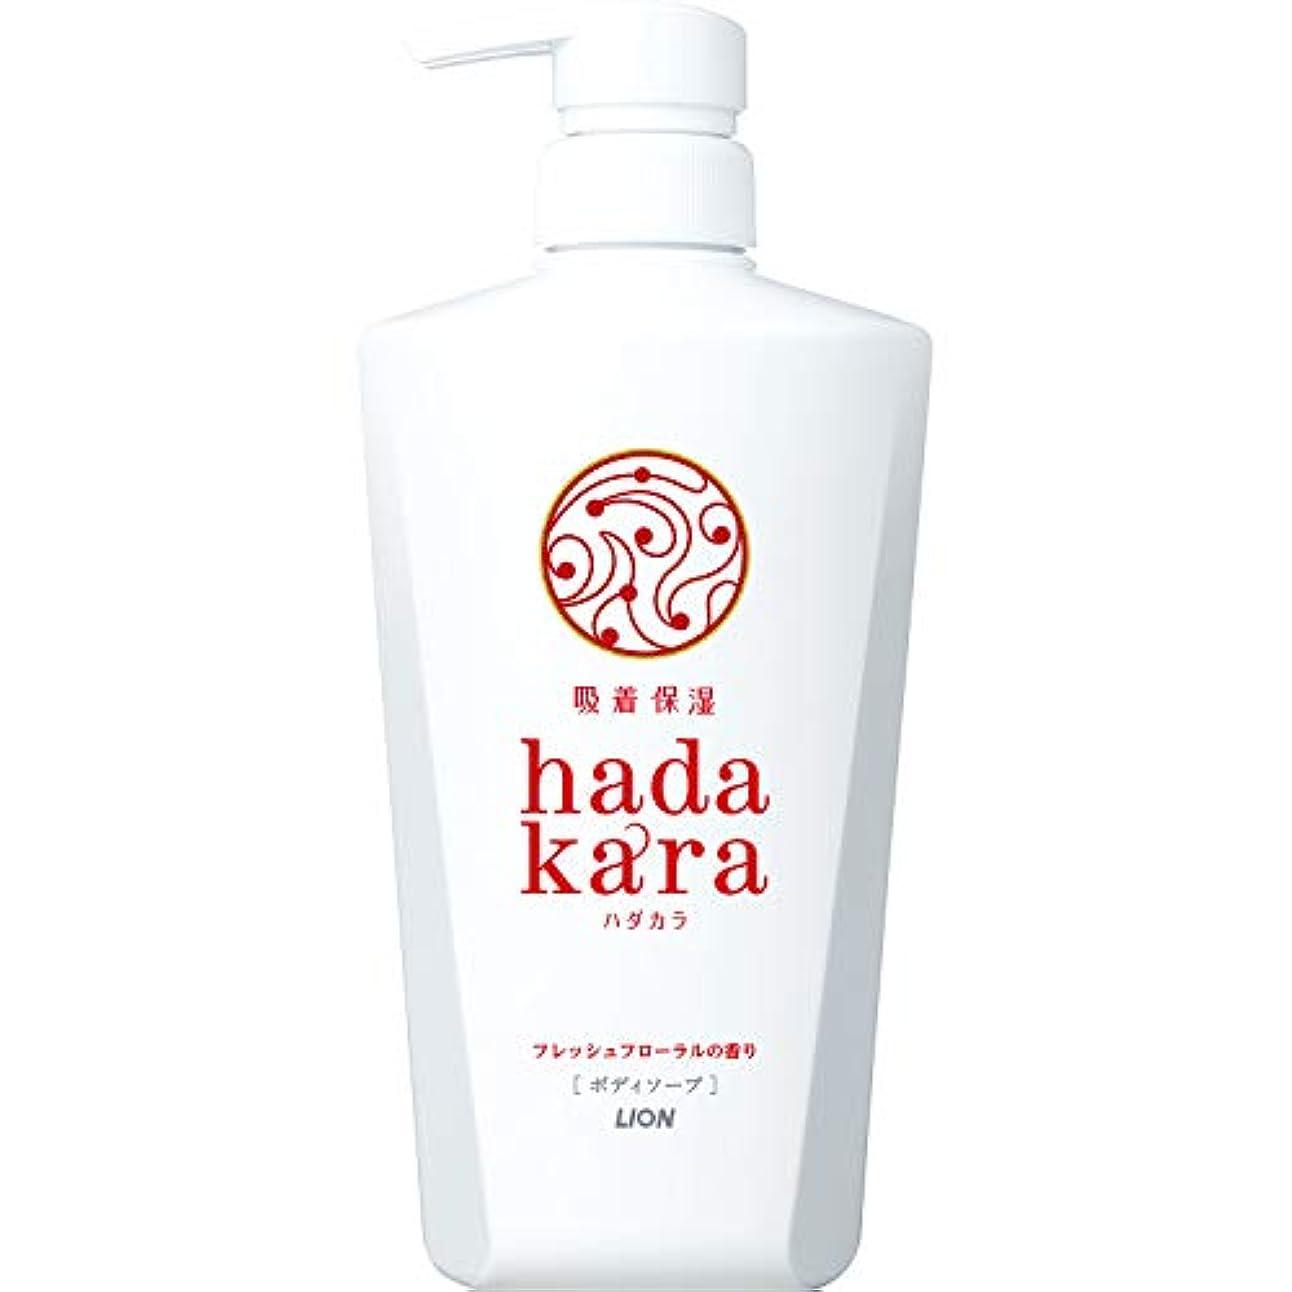 がっかりした出演者カタログhadakara(ハダカラ) ボディソープ フレッシュフローラルの香り 本体 500ml フローラルブーケ